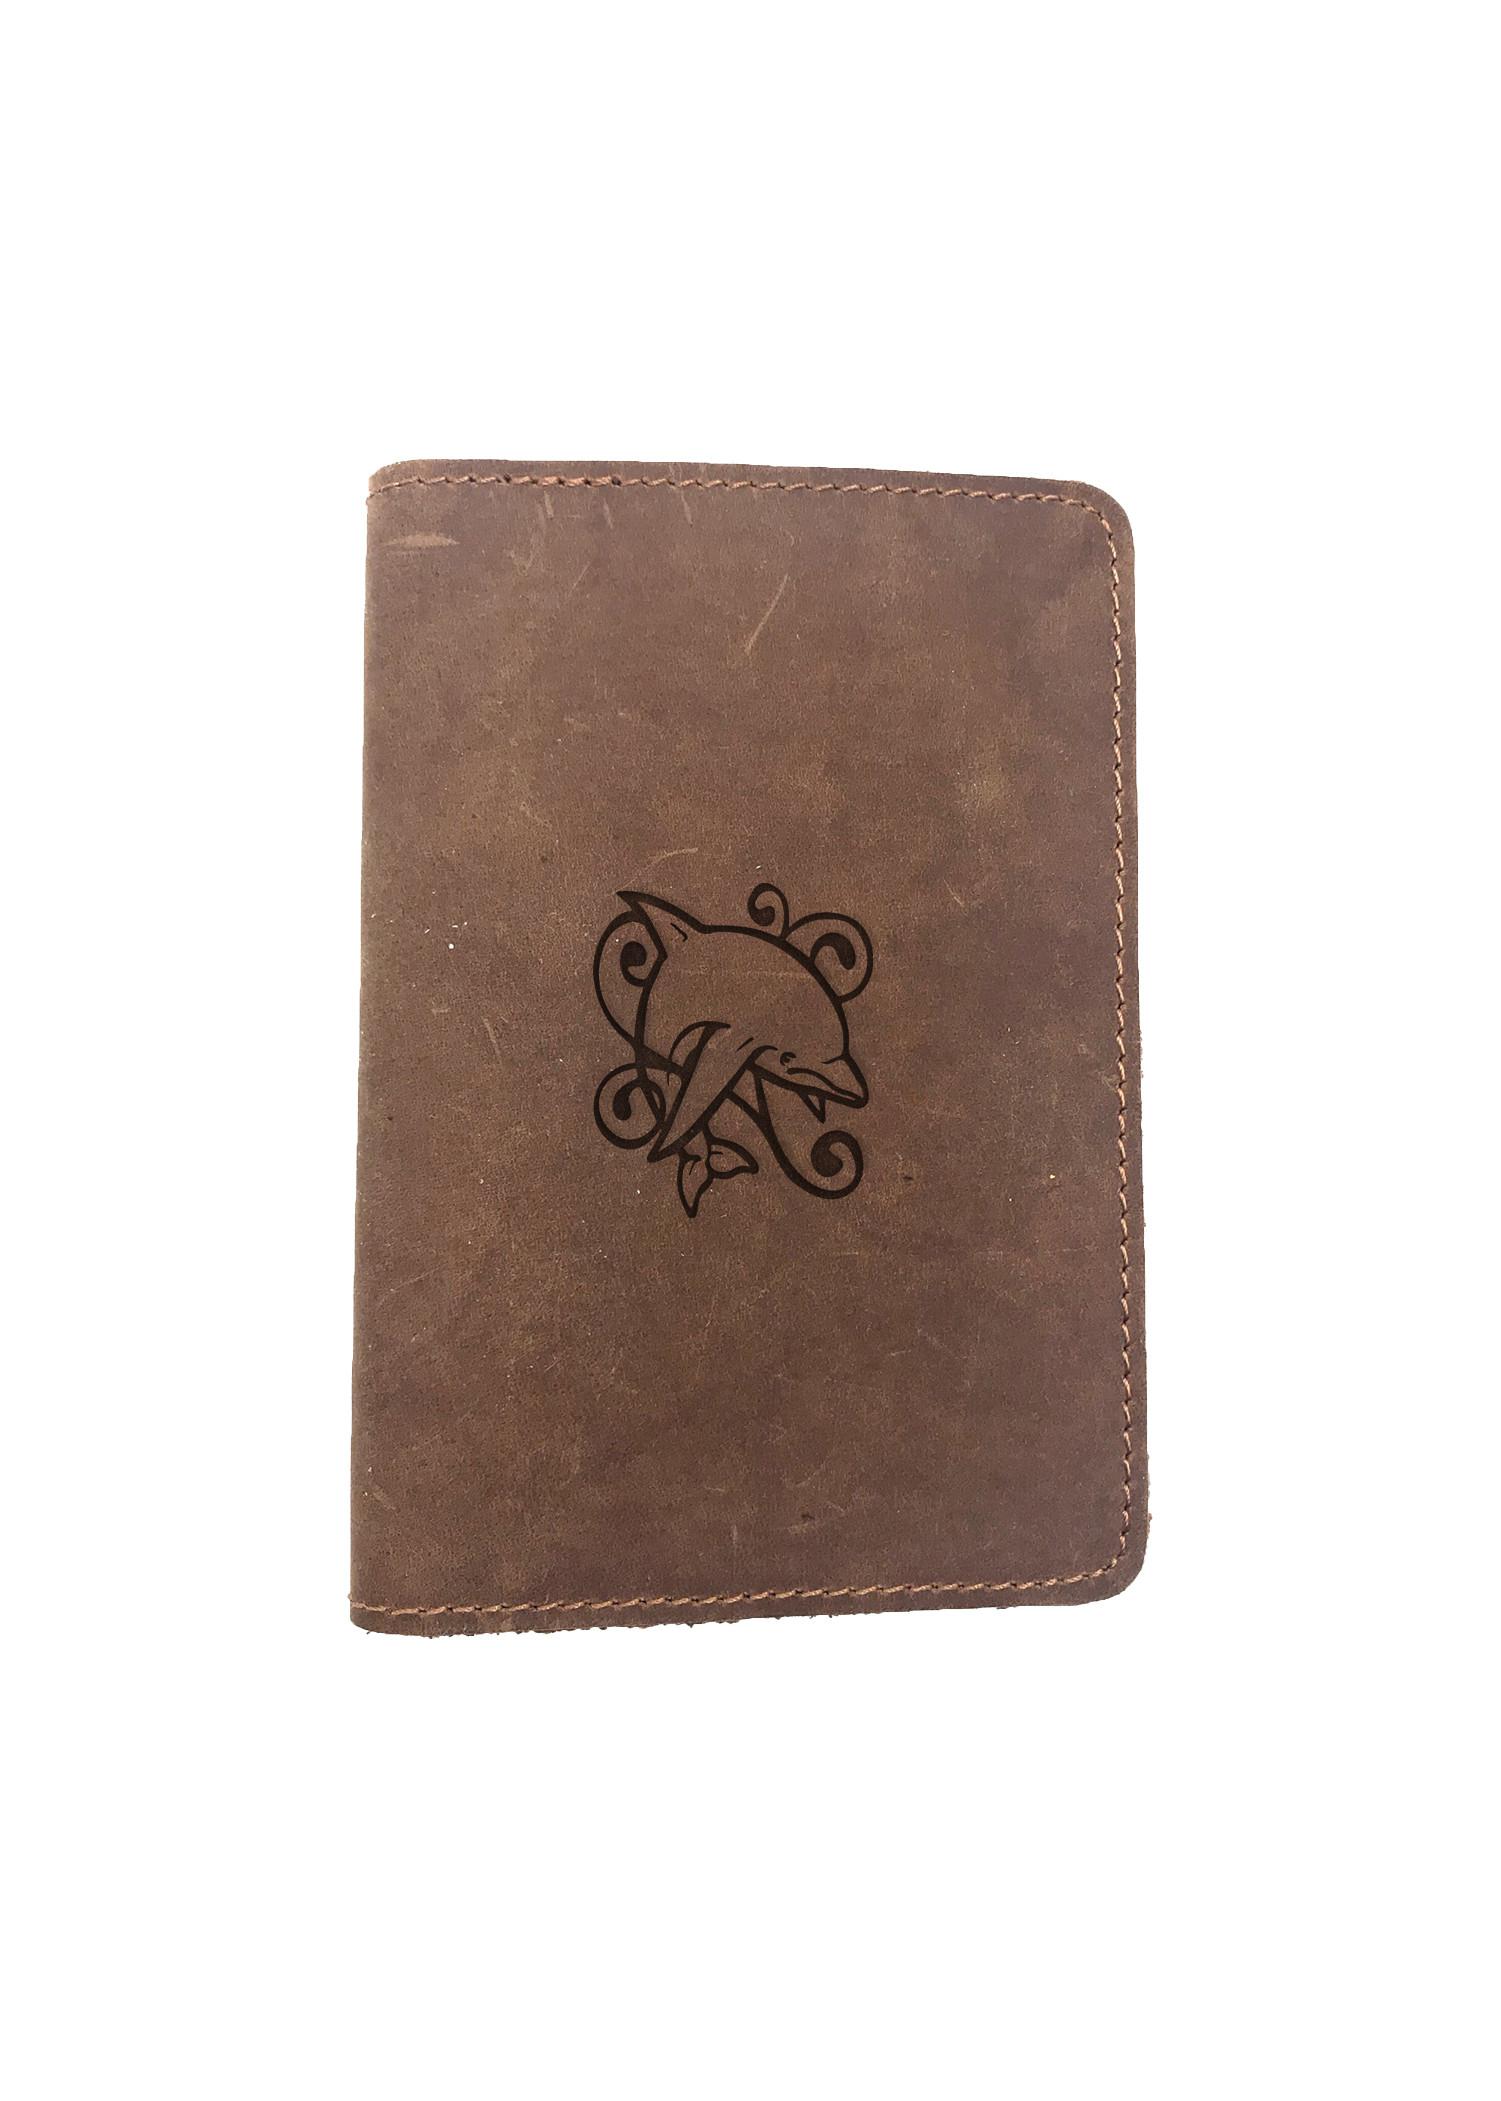 Passport Cover Bao Da Hộ Chiếu Da Sáp Khắc Hình Cá heo DOLPHIN (BROWN)